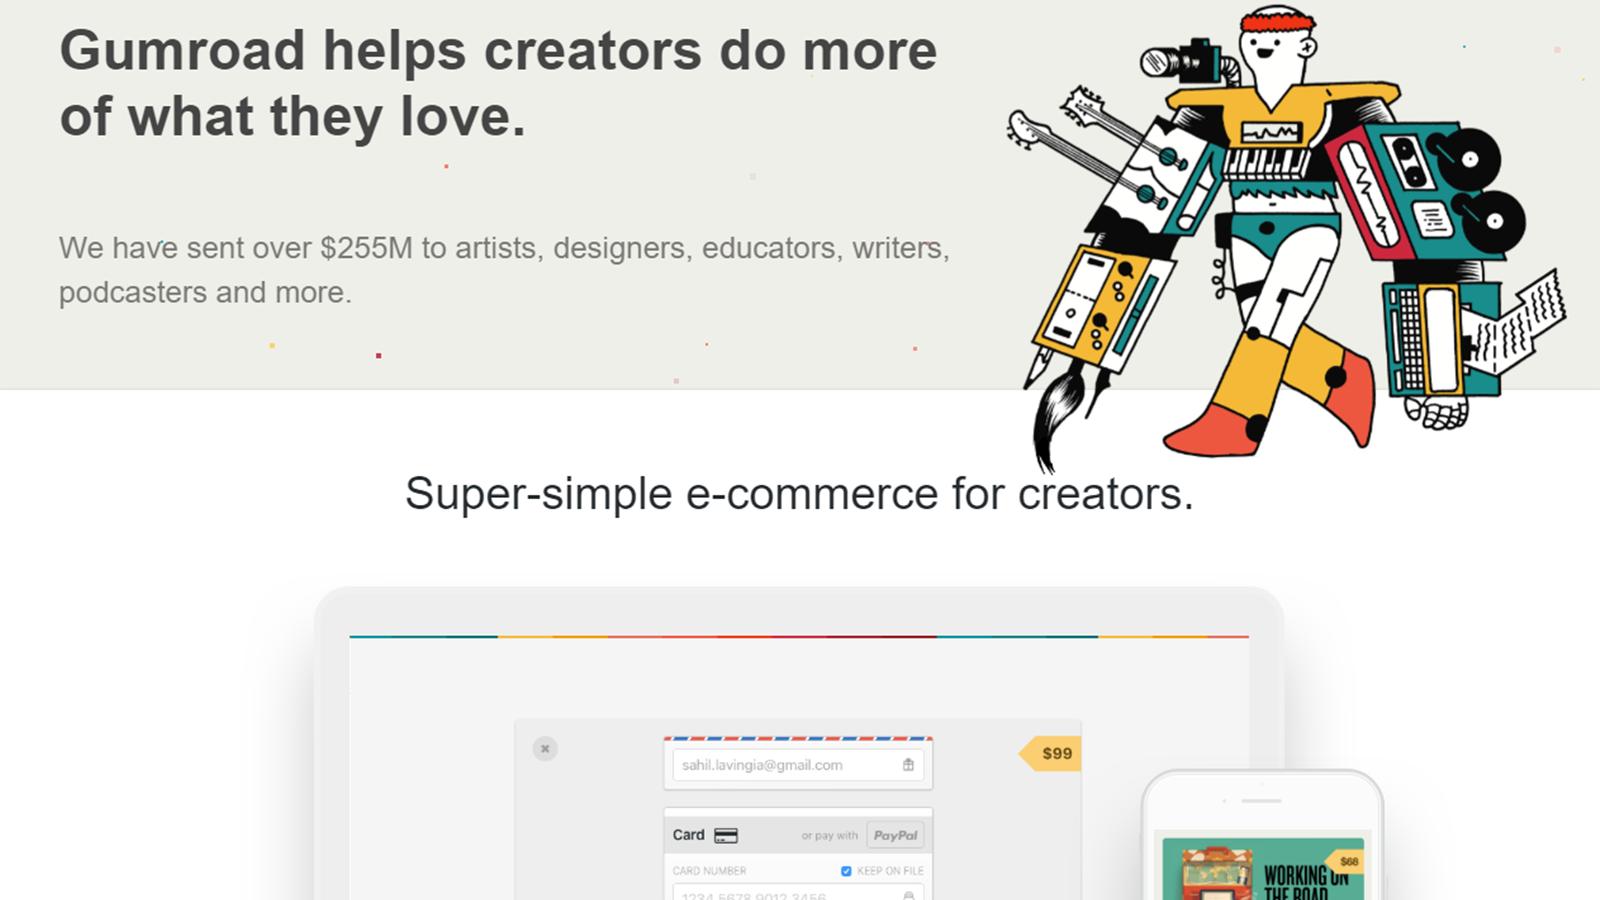 クリエイターの作品販売を簡単・シンプルに実現。デジタルコンテンツの販売プラットフォームGumroad